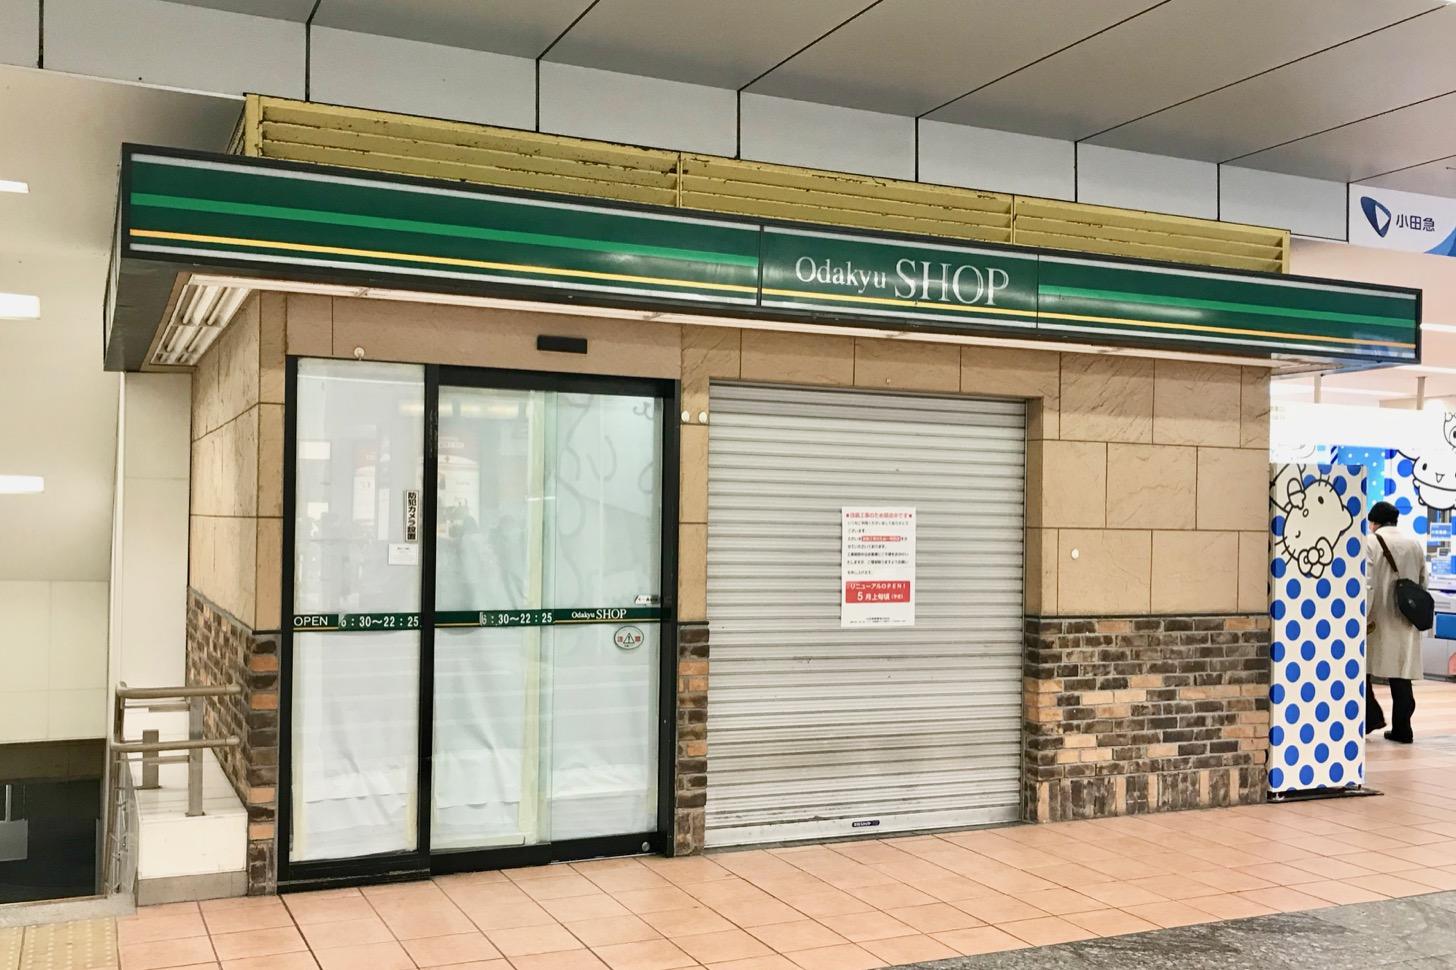 小田急多摩センター駅改札口横のOdakyu SHOP